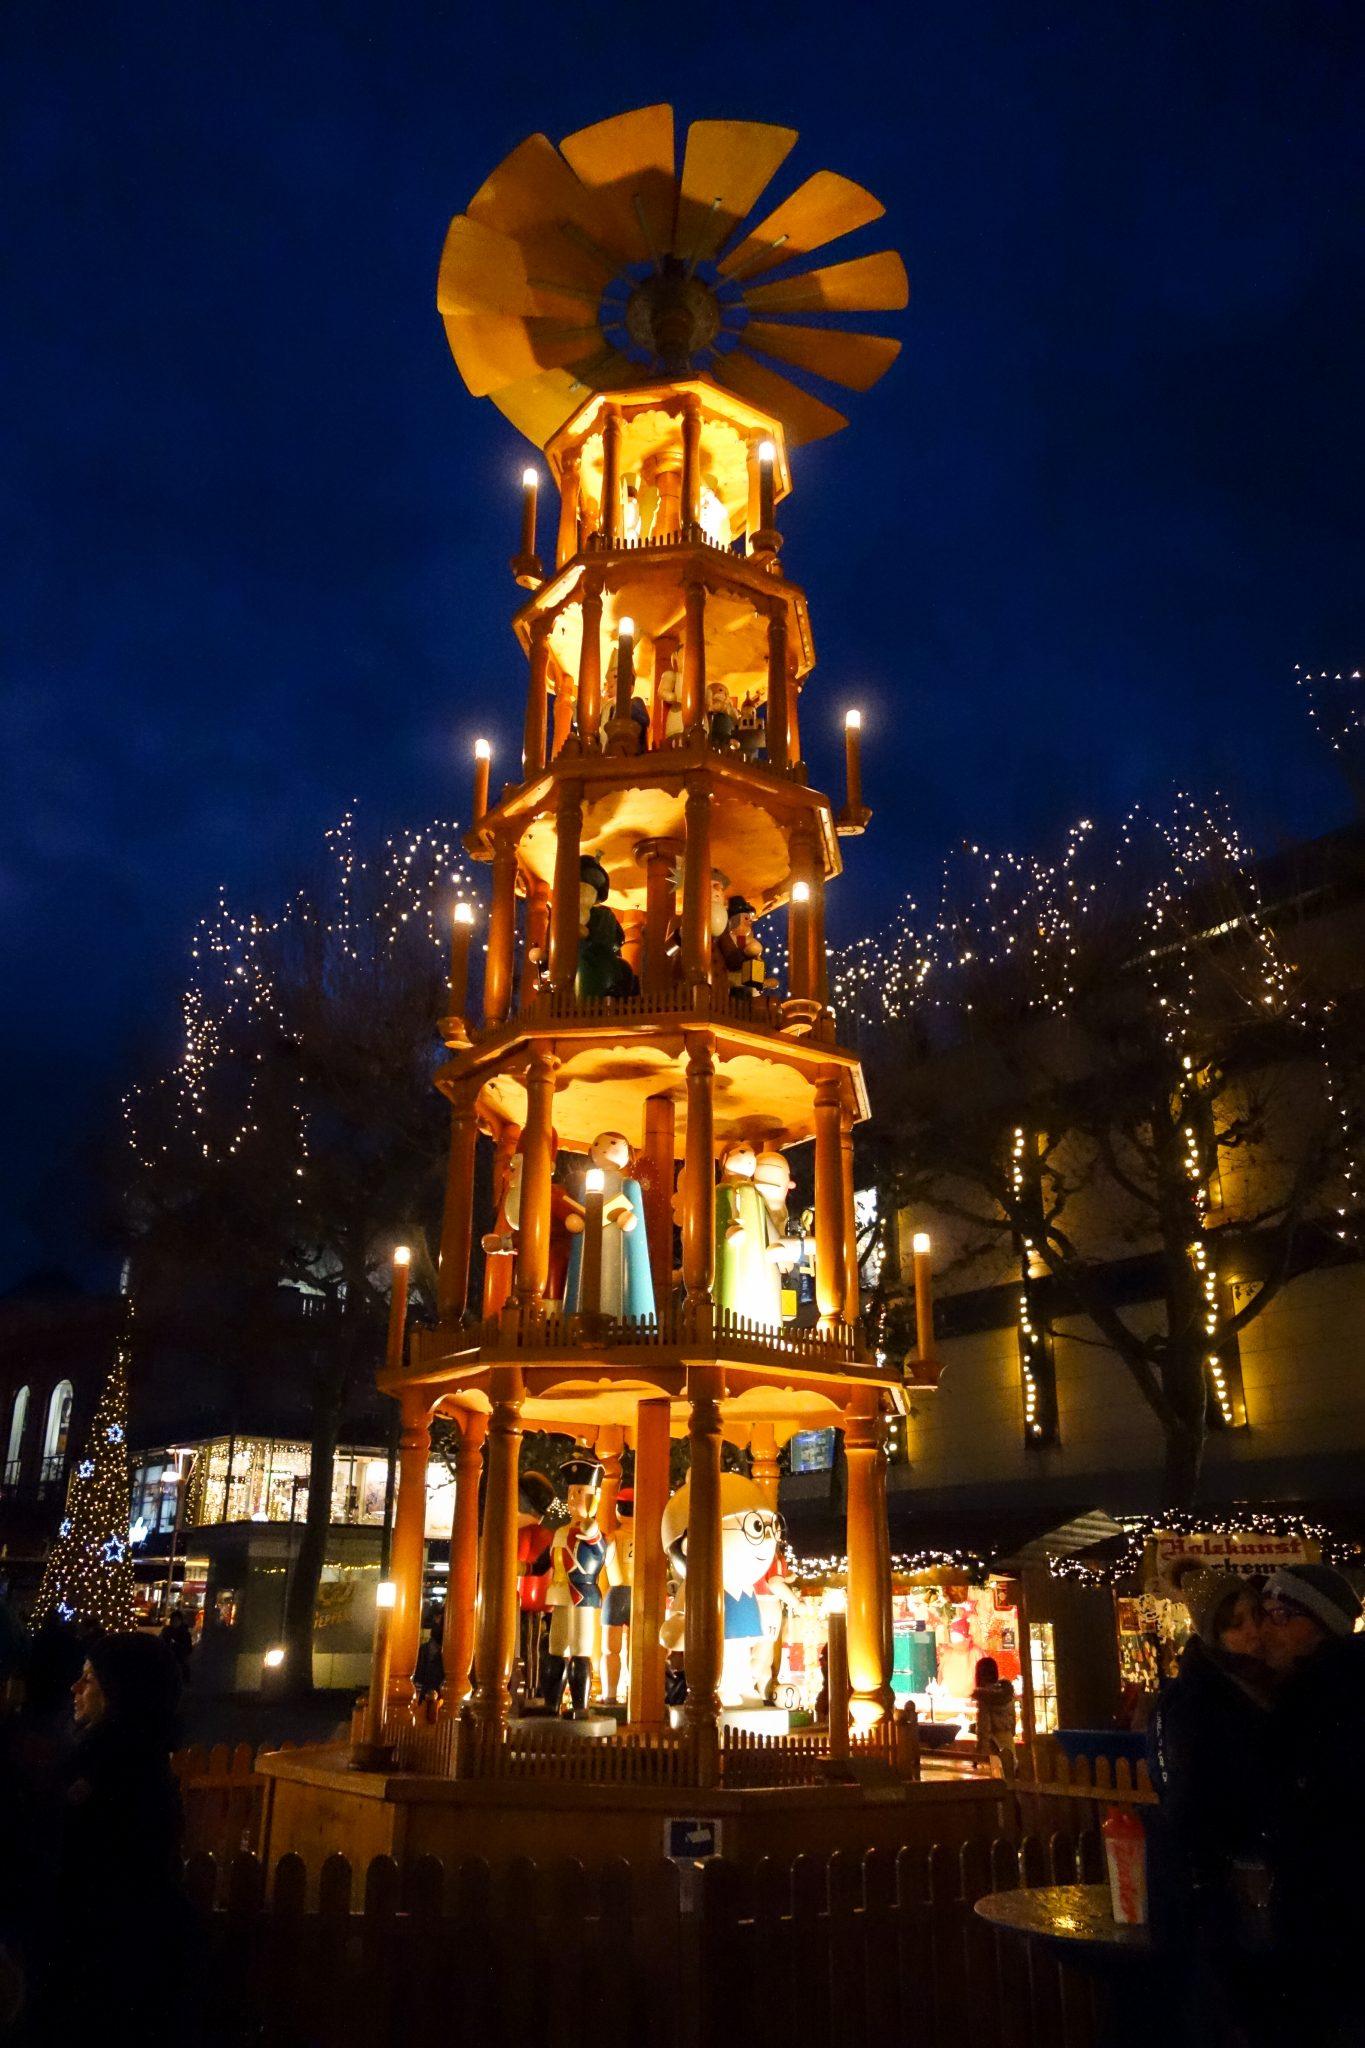 Mainzer Weihnachtsmarkt: Die 11 Meter hohe Weihnachtspyramide ist eines meiner Highlights.